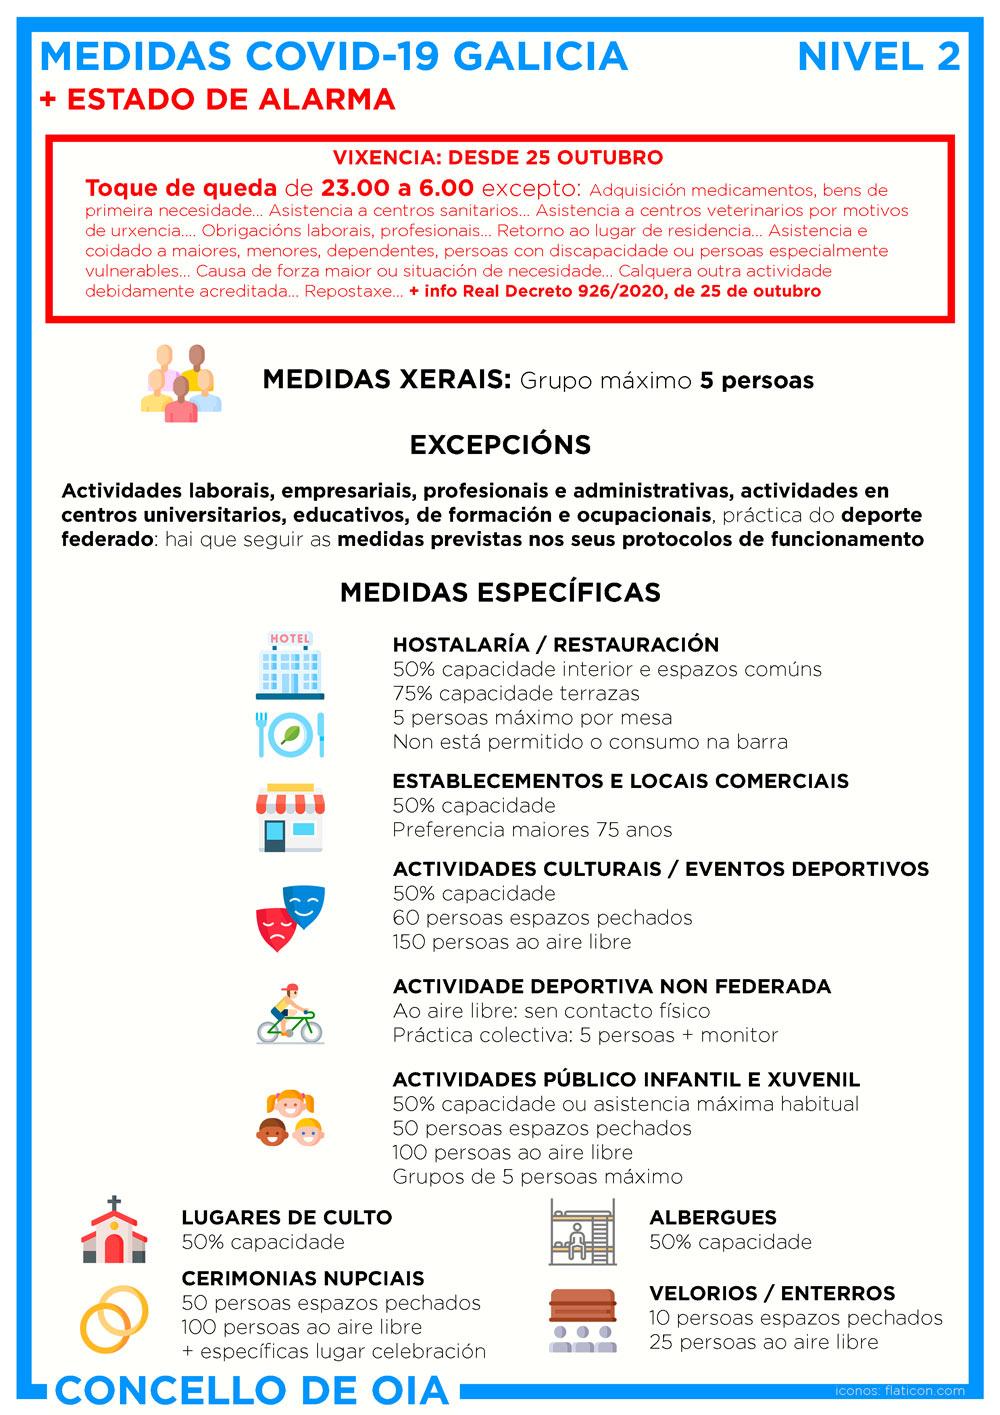 COVID-19: Nivel 2 en toda galicia + Estado de alarma